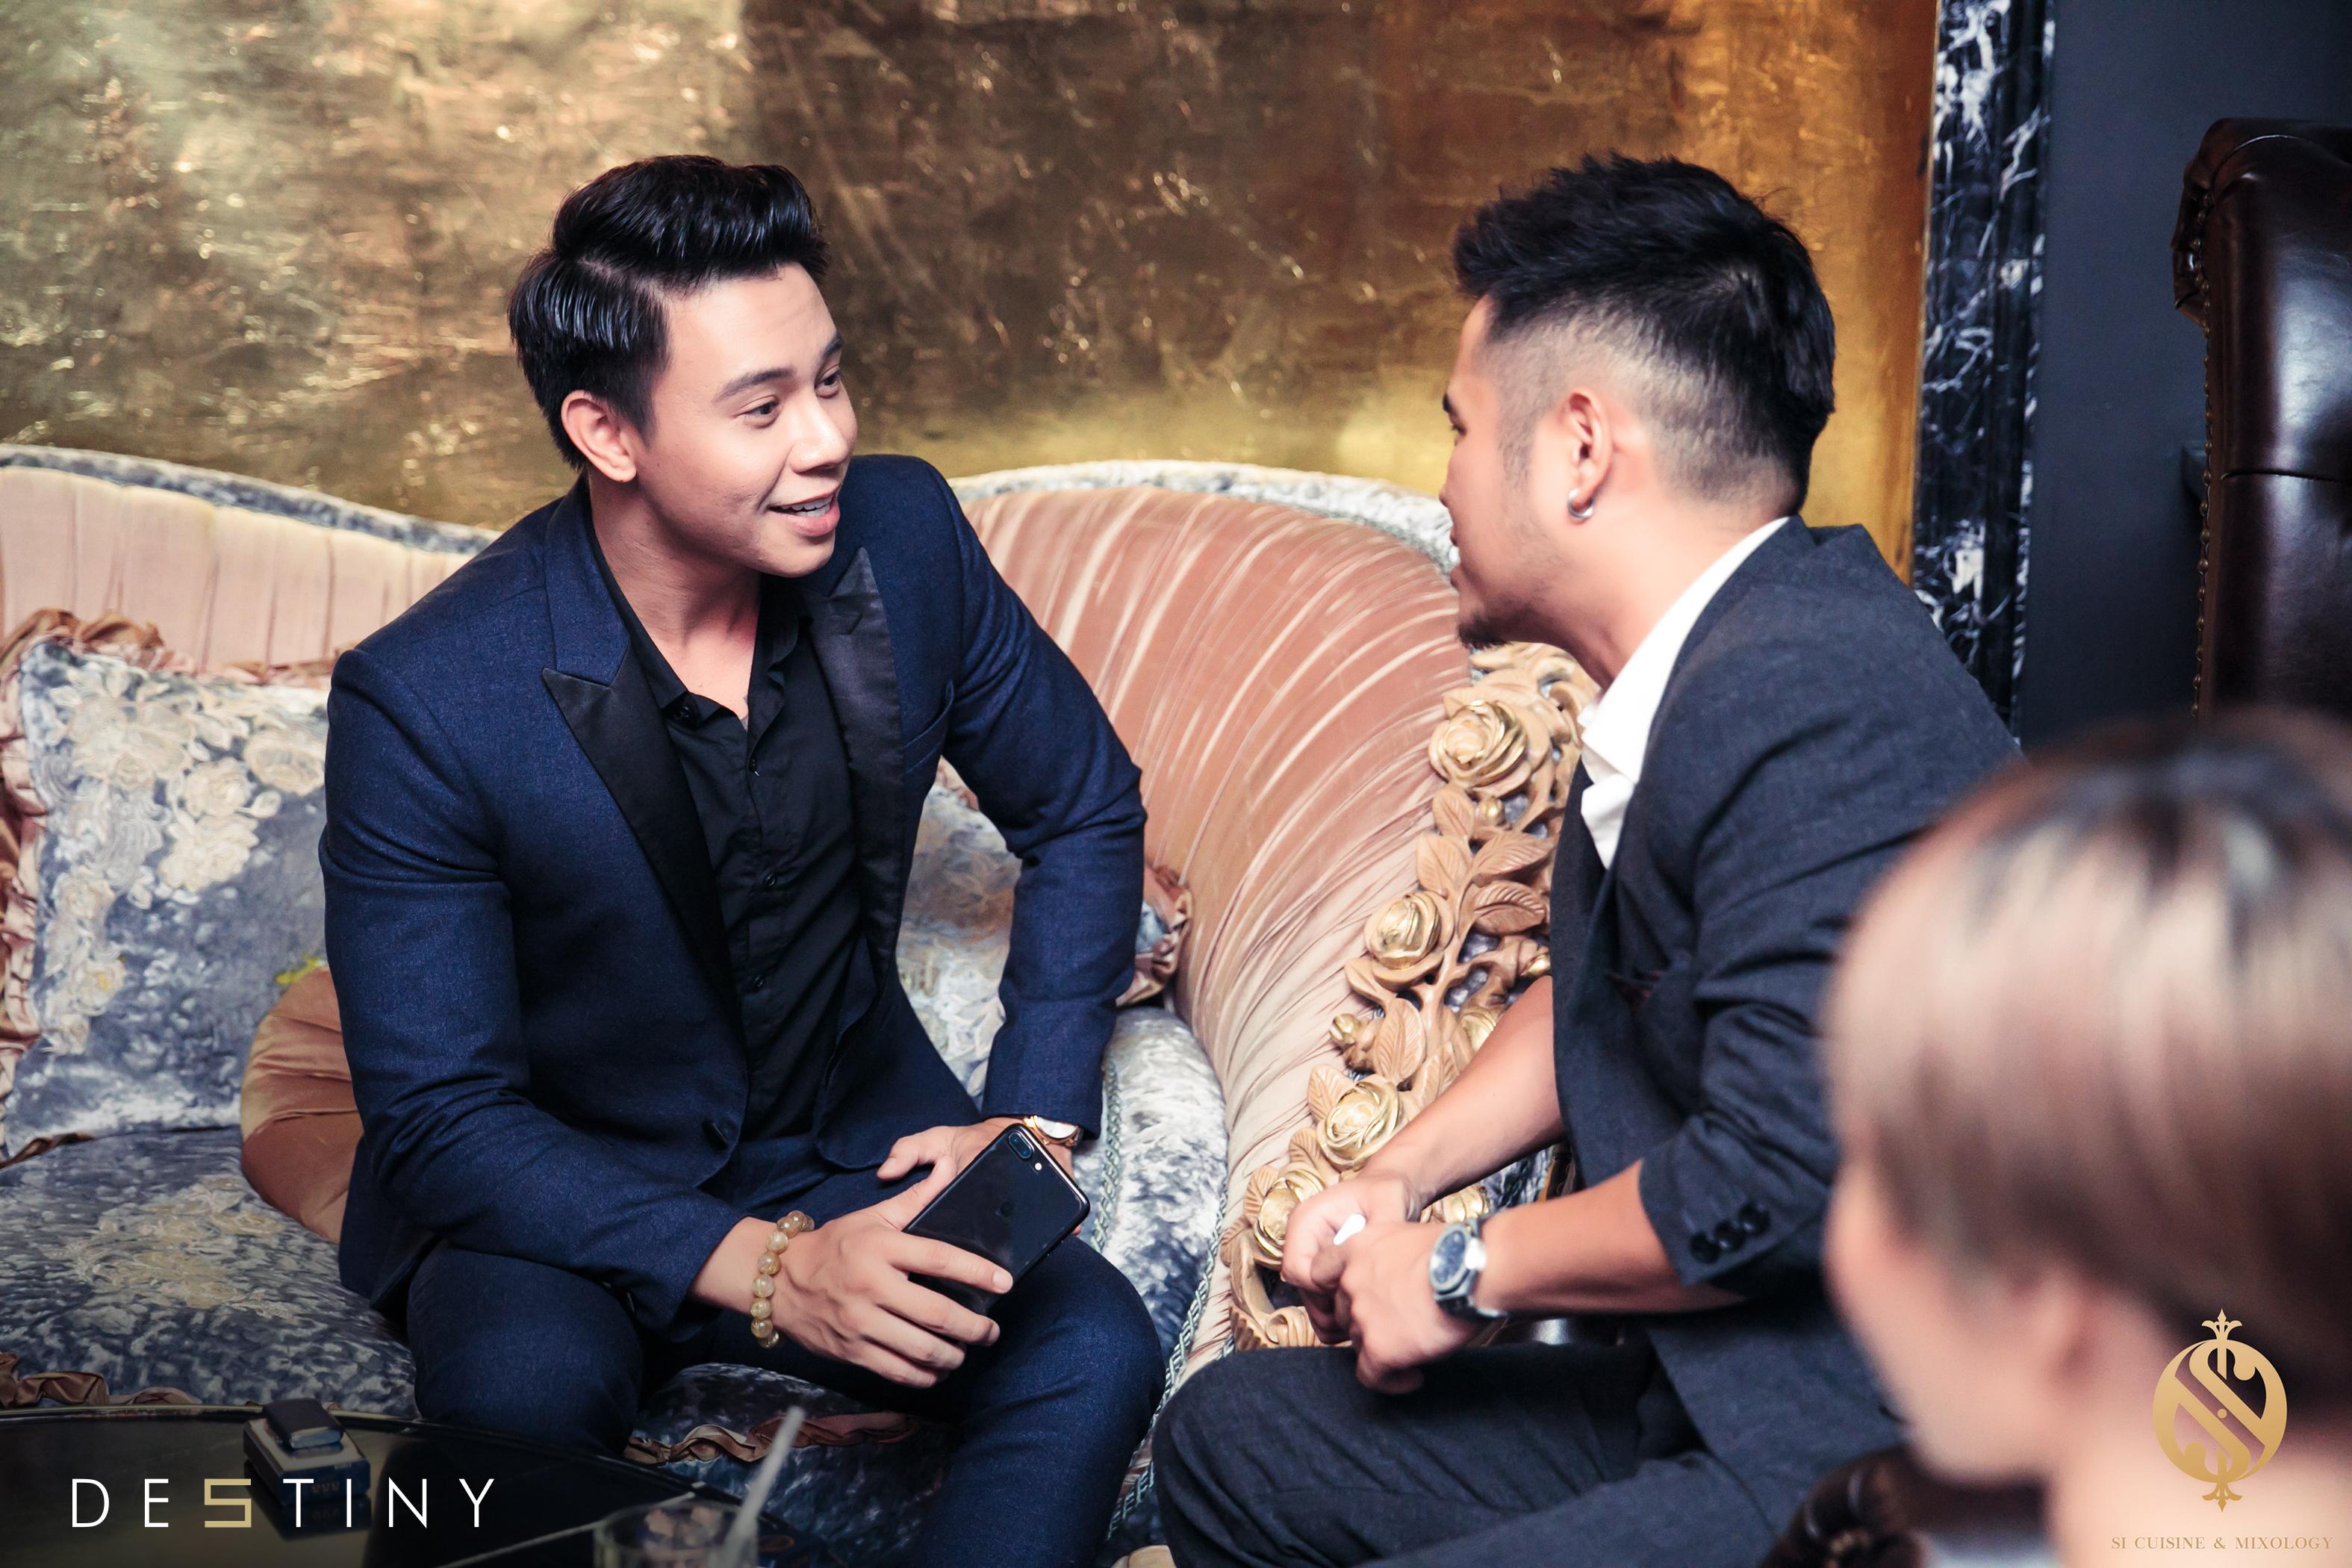 DE5TINY, Vietnam's exclusive community for gentlemen, launched